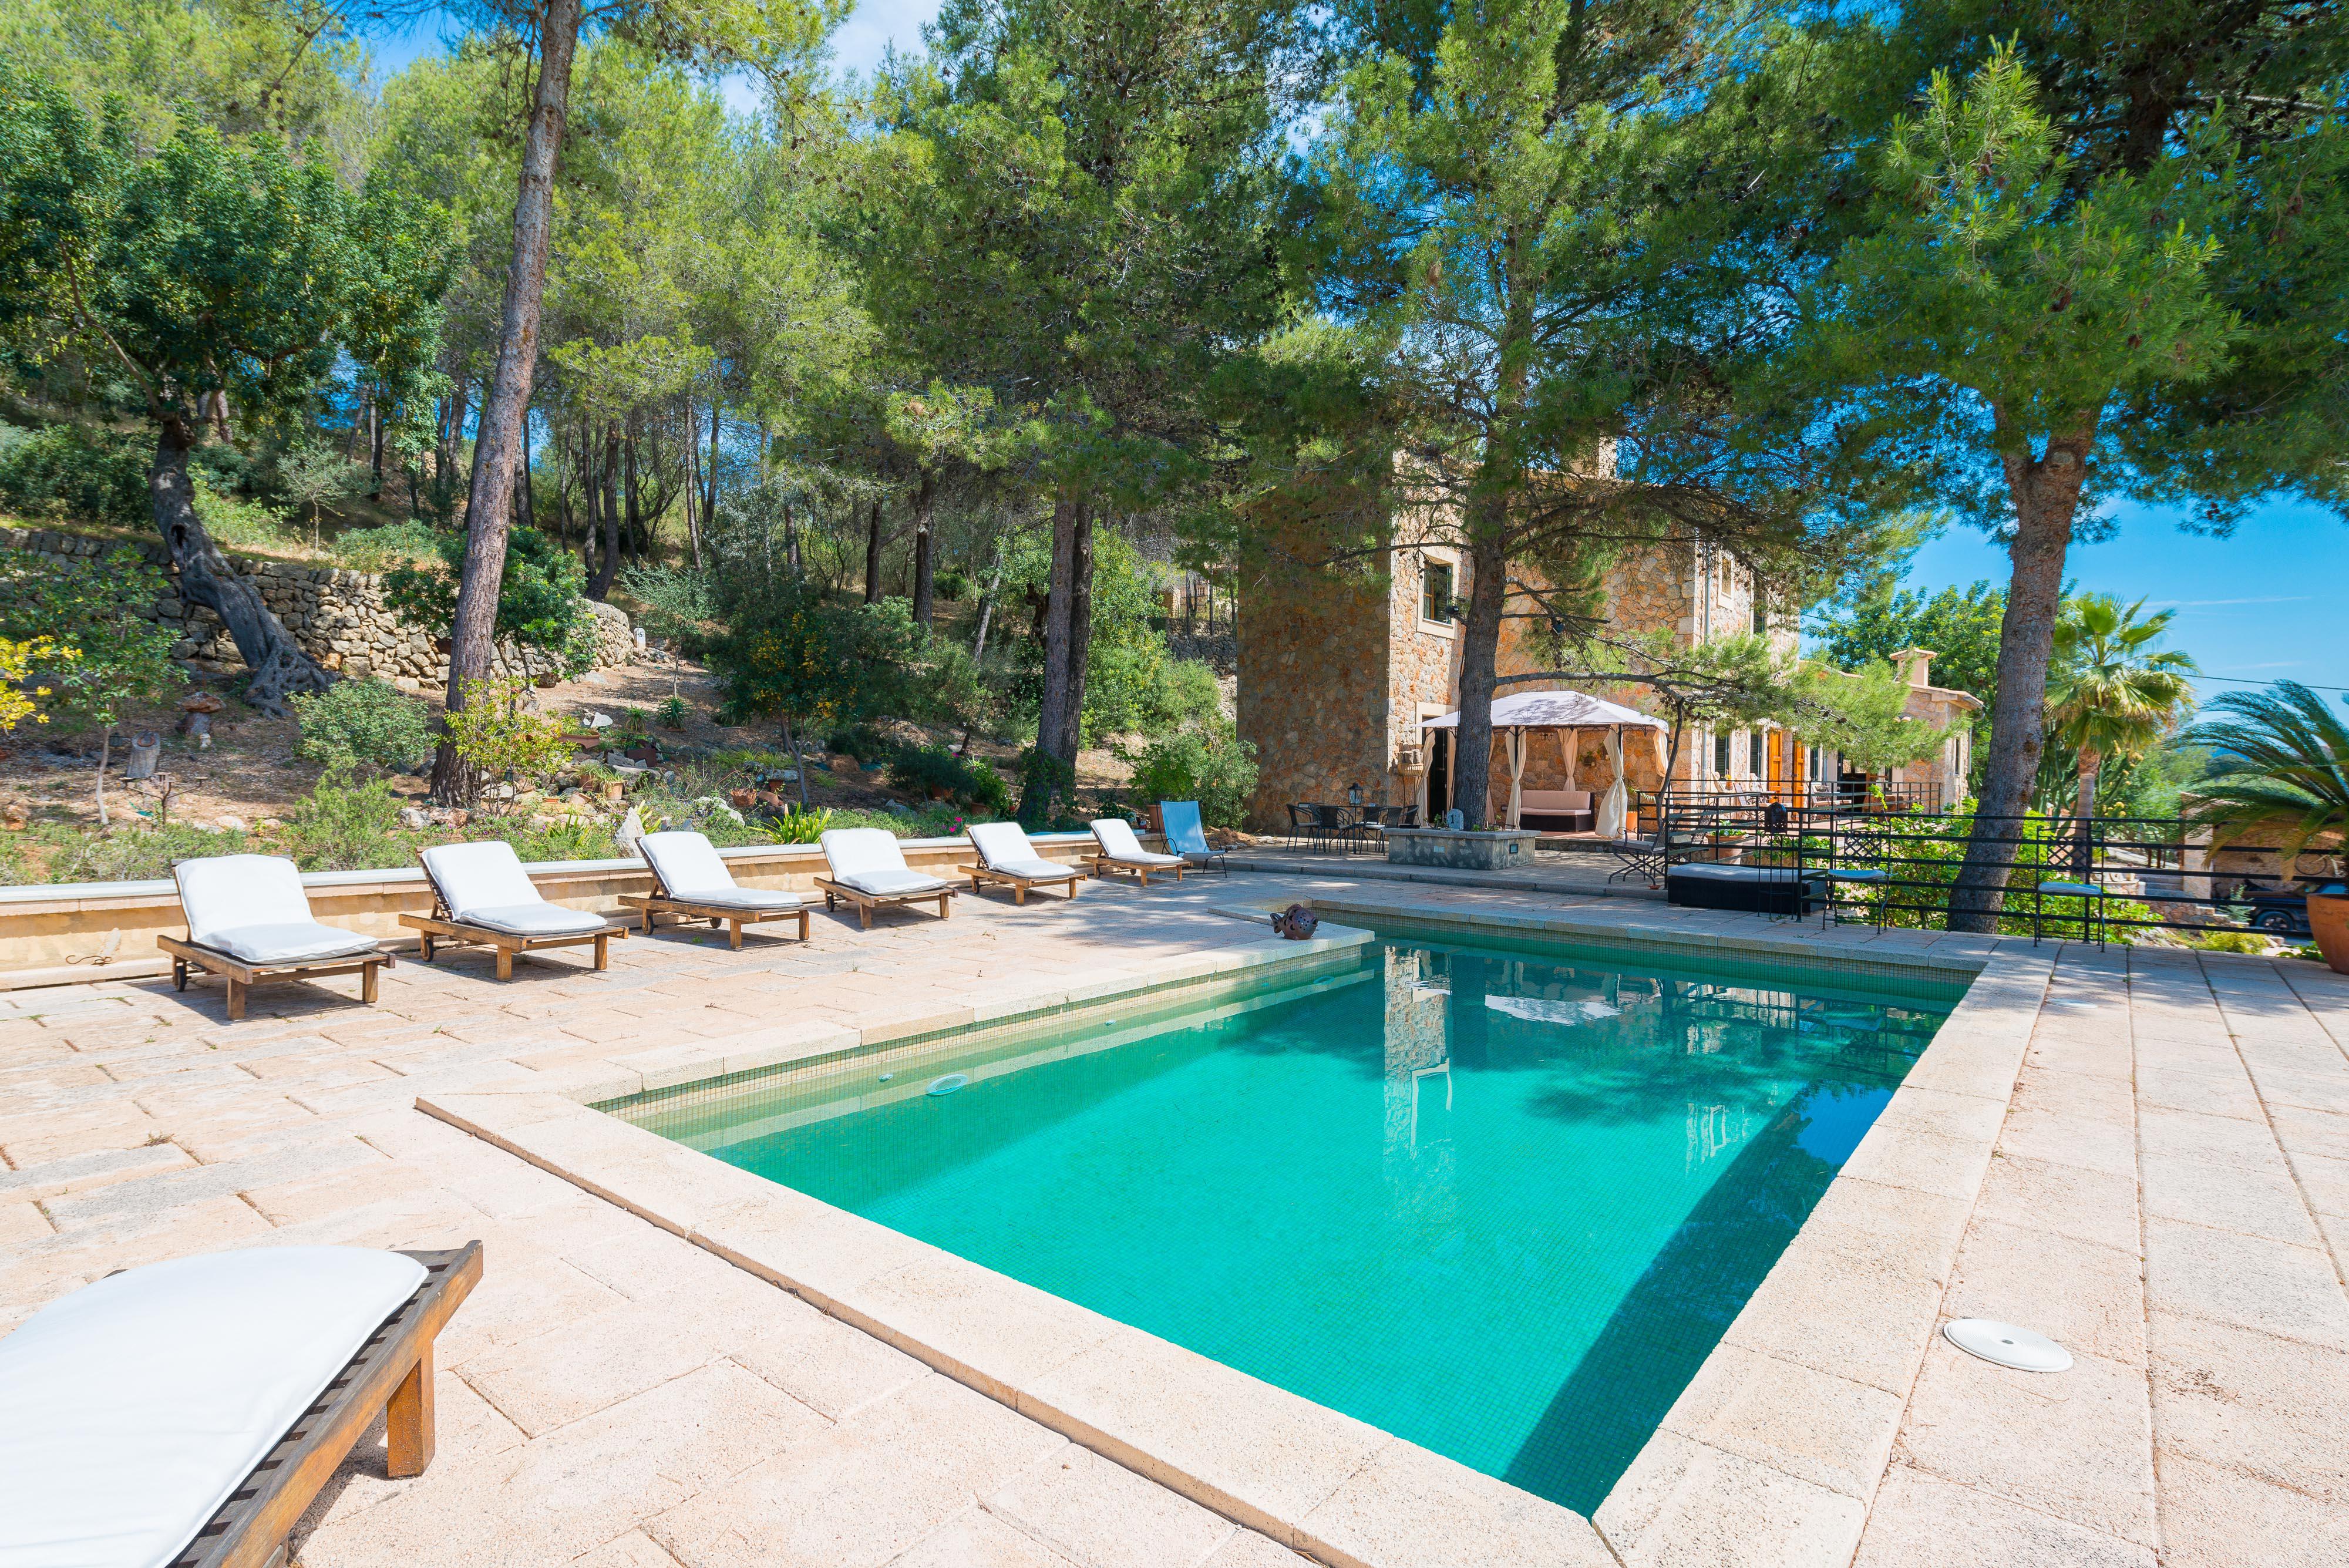 Maison de vacances ES PINAR (1956282), Alaro, Majorque, Iles Baléares, Espagne, image 1